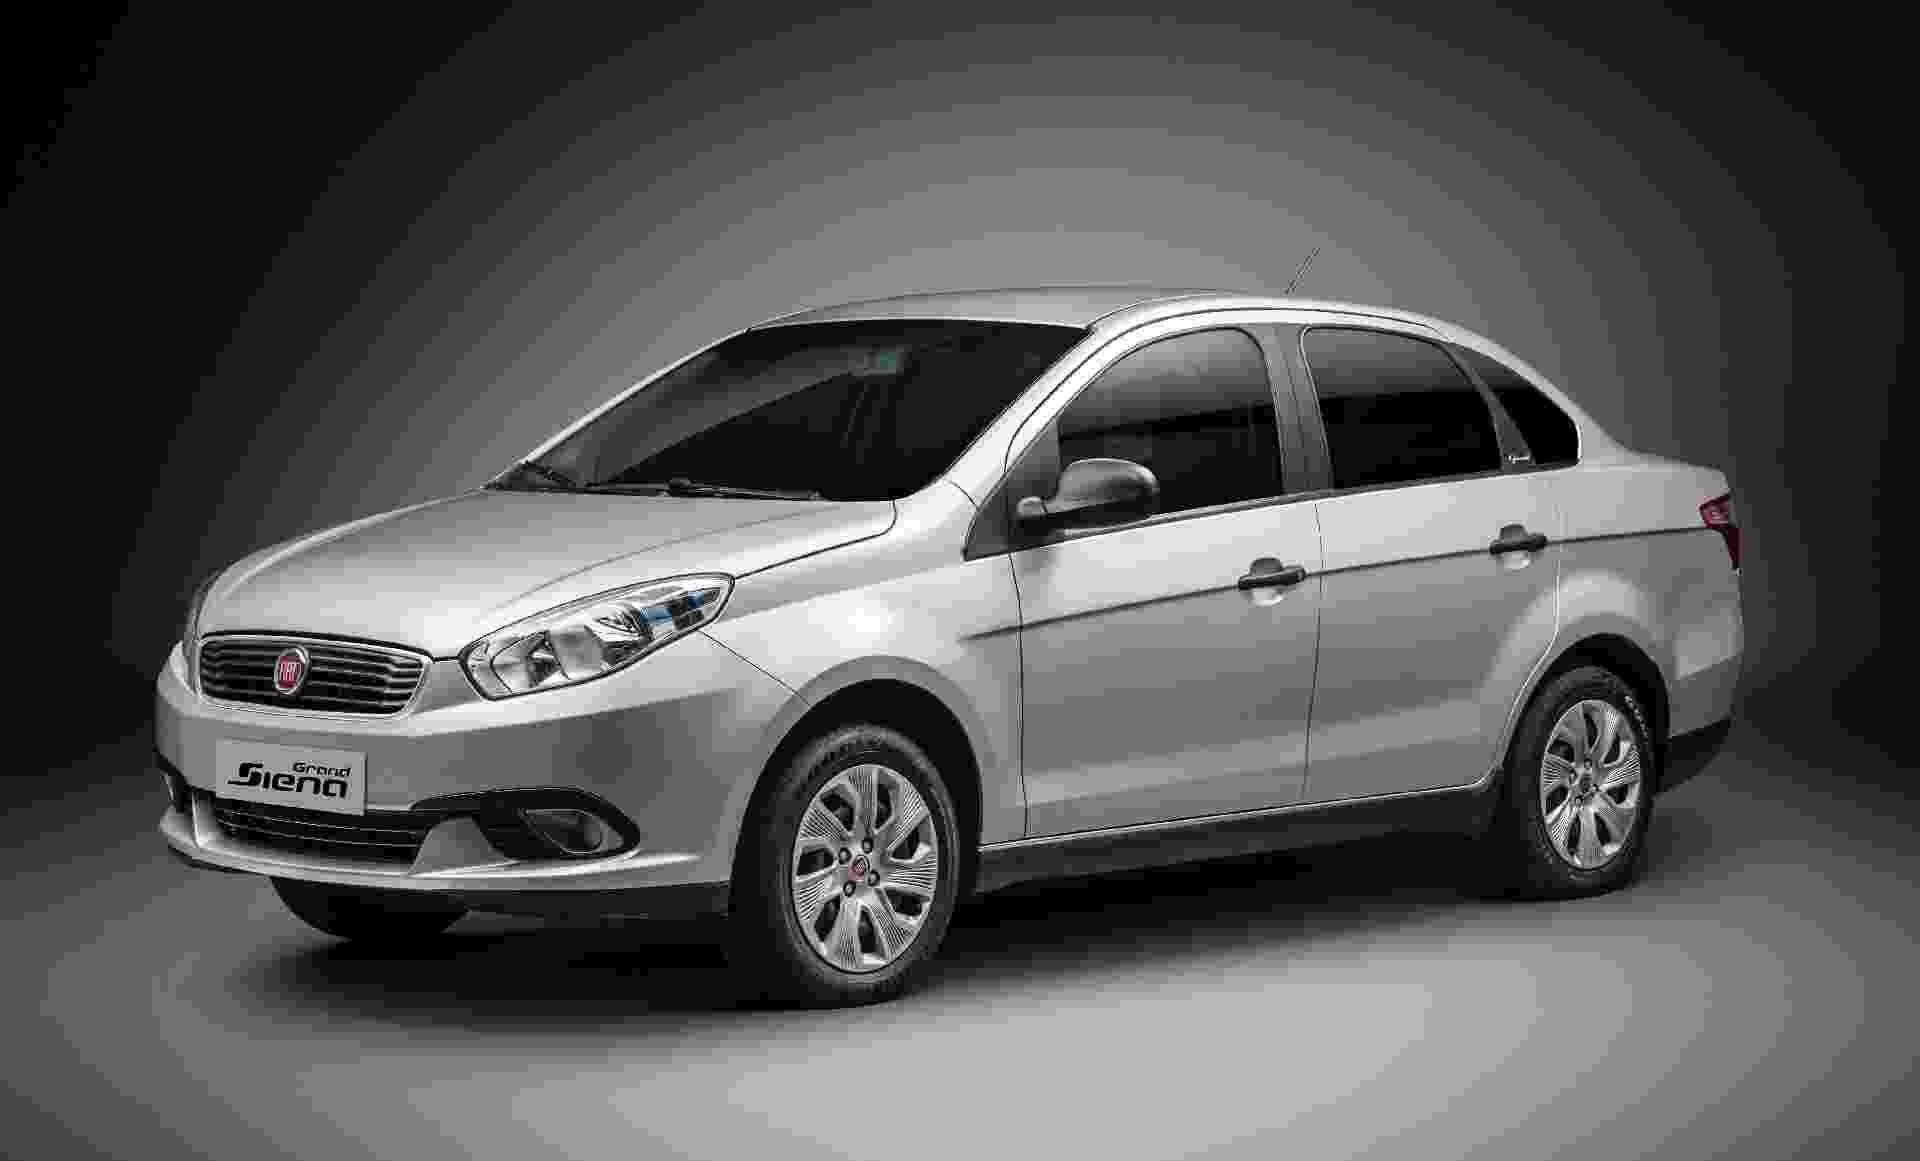 Fiat Grand Siena Attractive 1.4 preparado de fábrica para receber kit GNV - Divulgação